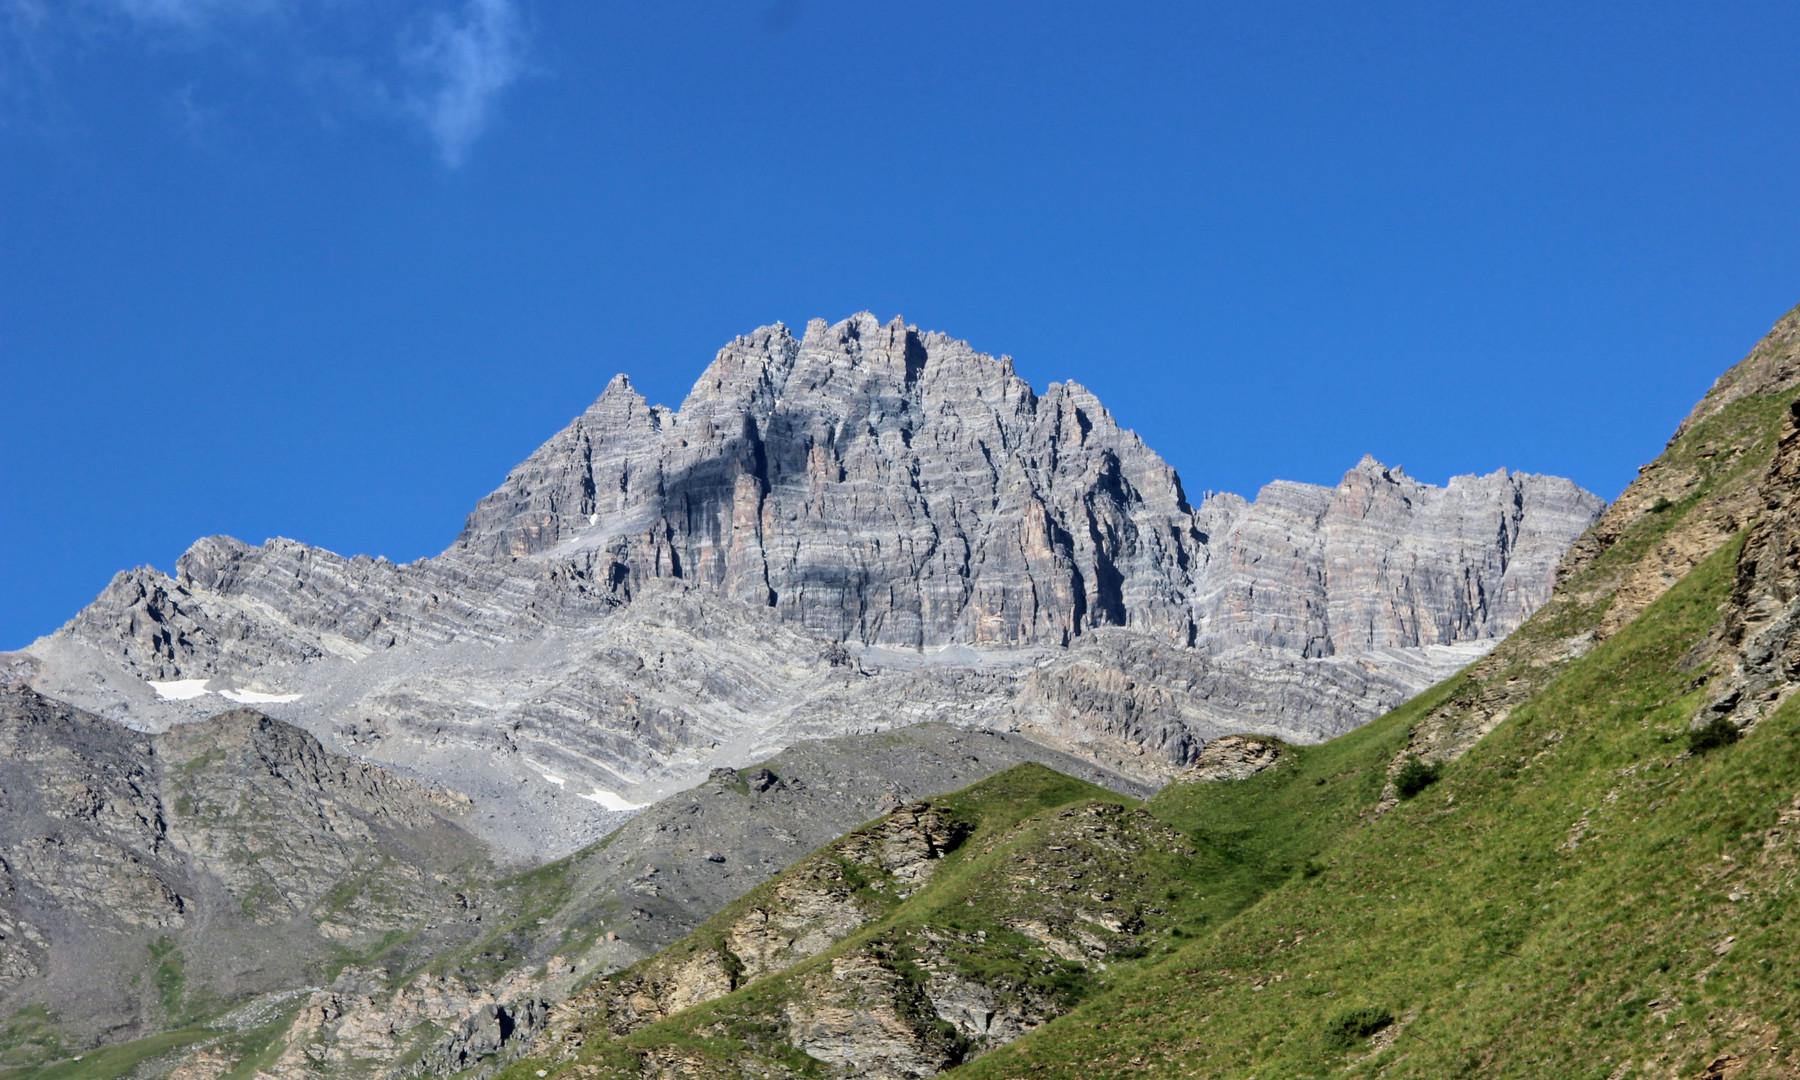 Pic de Rochebrune (3321 m)